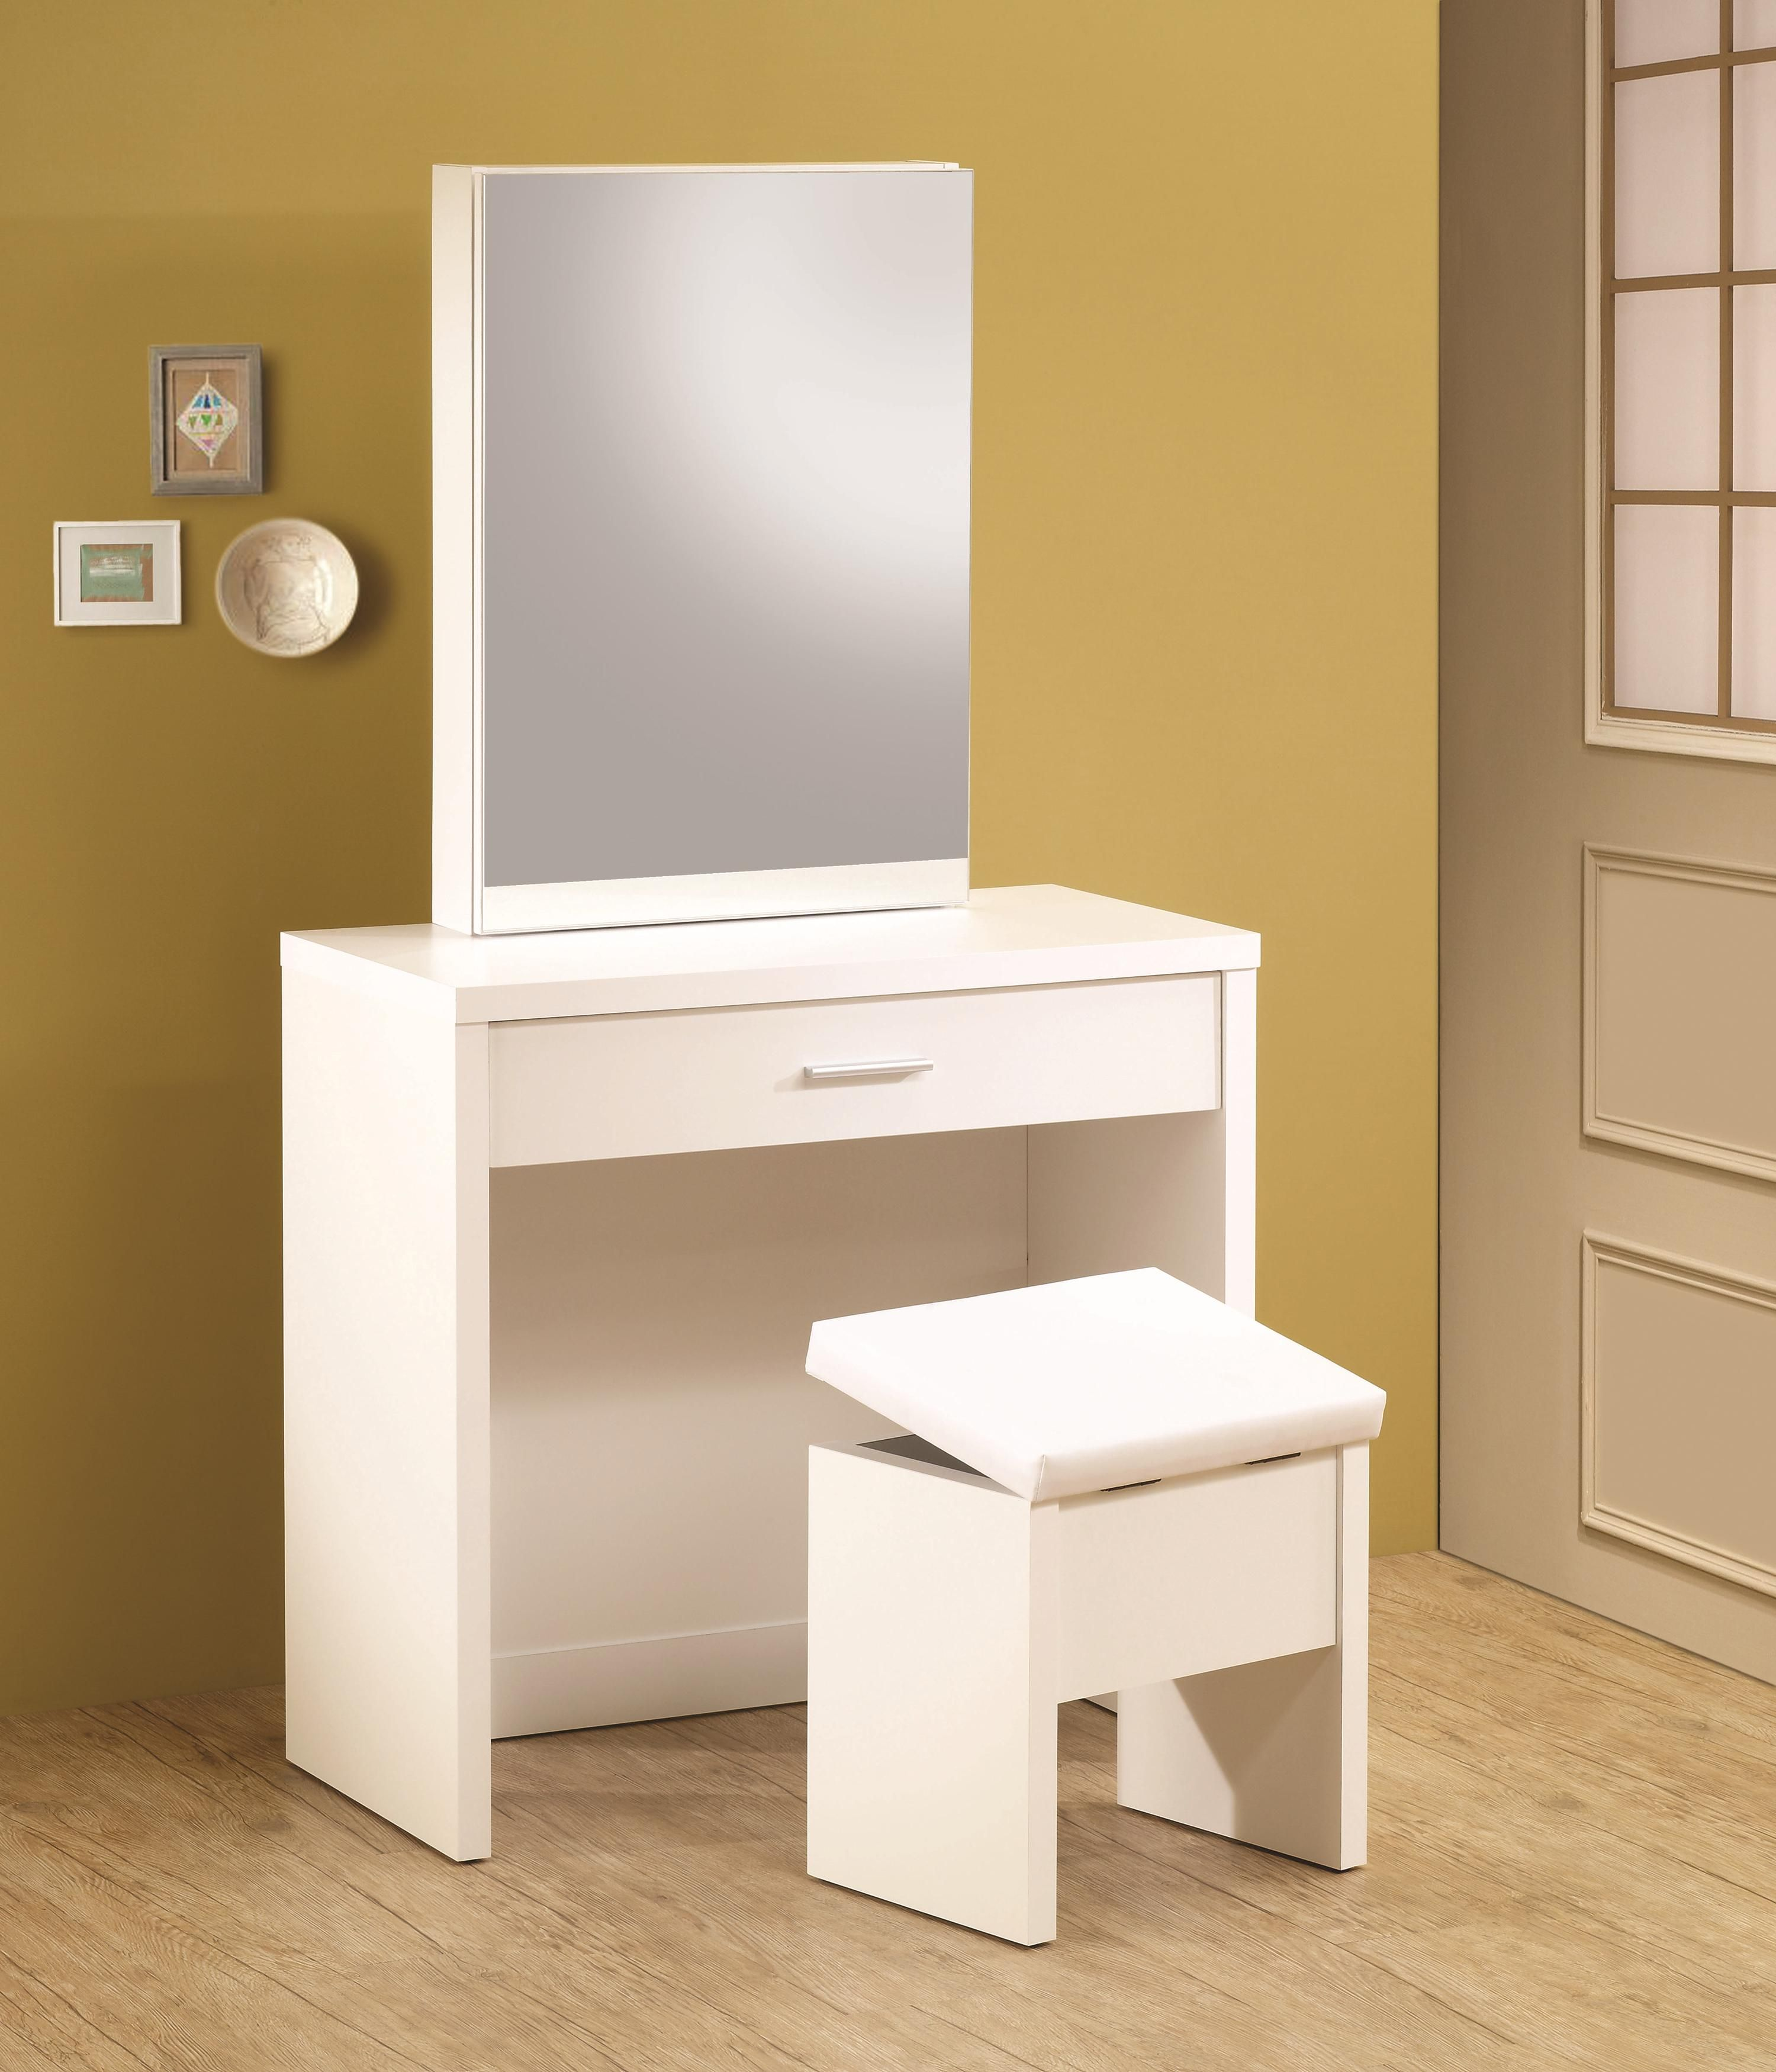 White vanity hidden mirror storage and lift